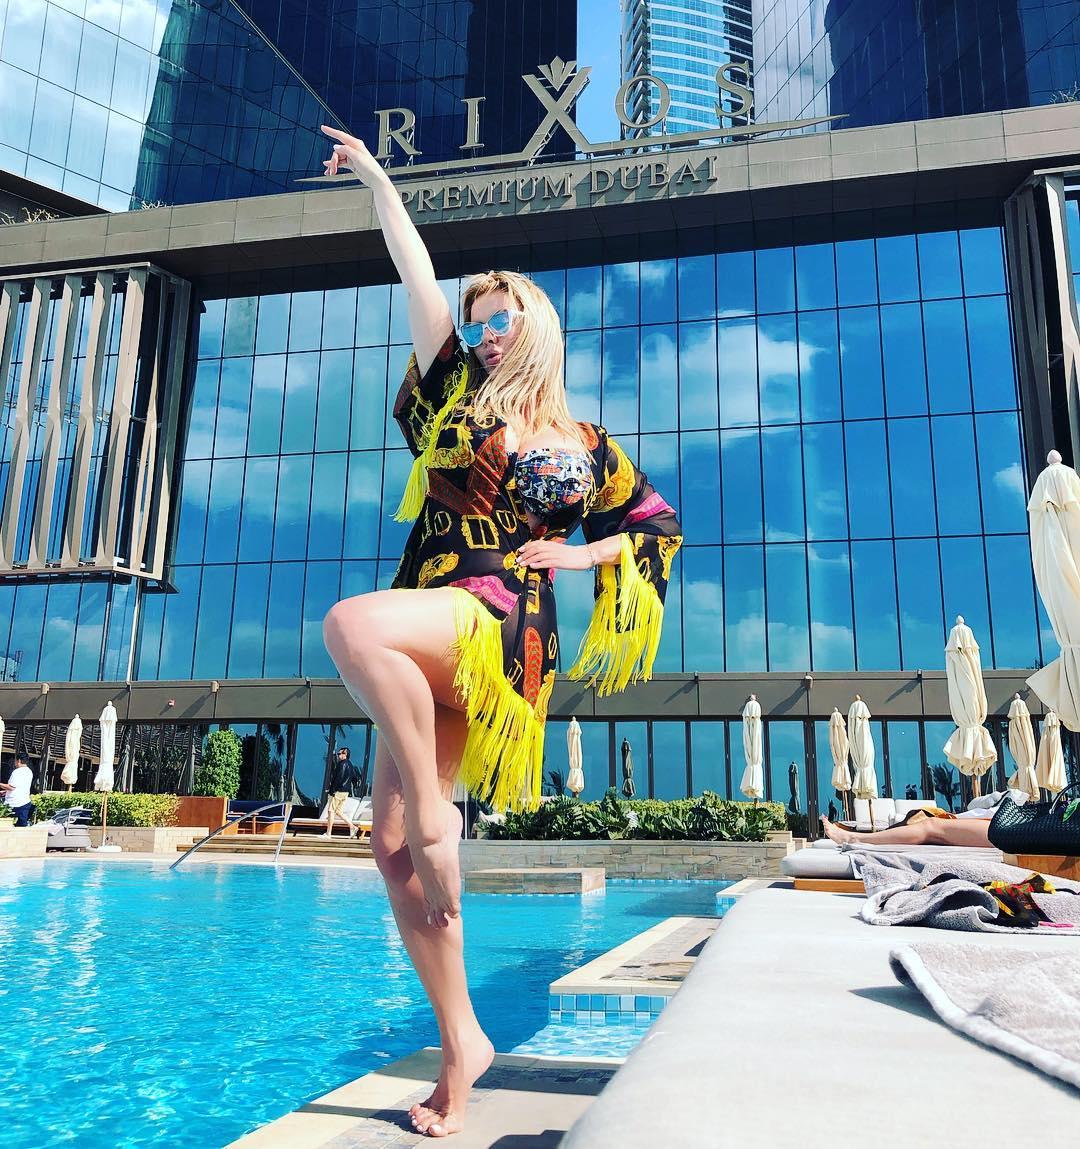 Неожиданно набравшая вес Анна Семенович поразила фанатов - свежие фотографии